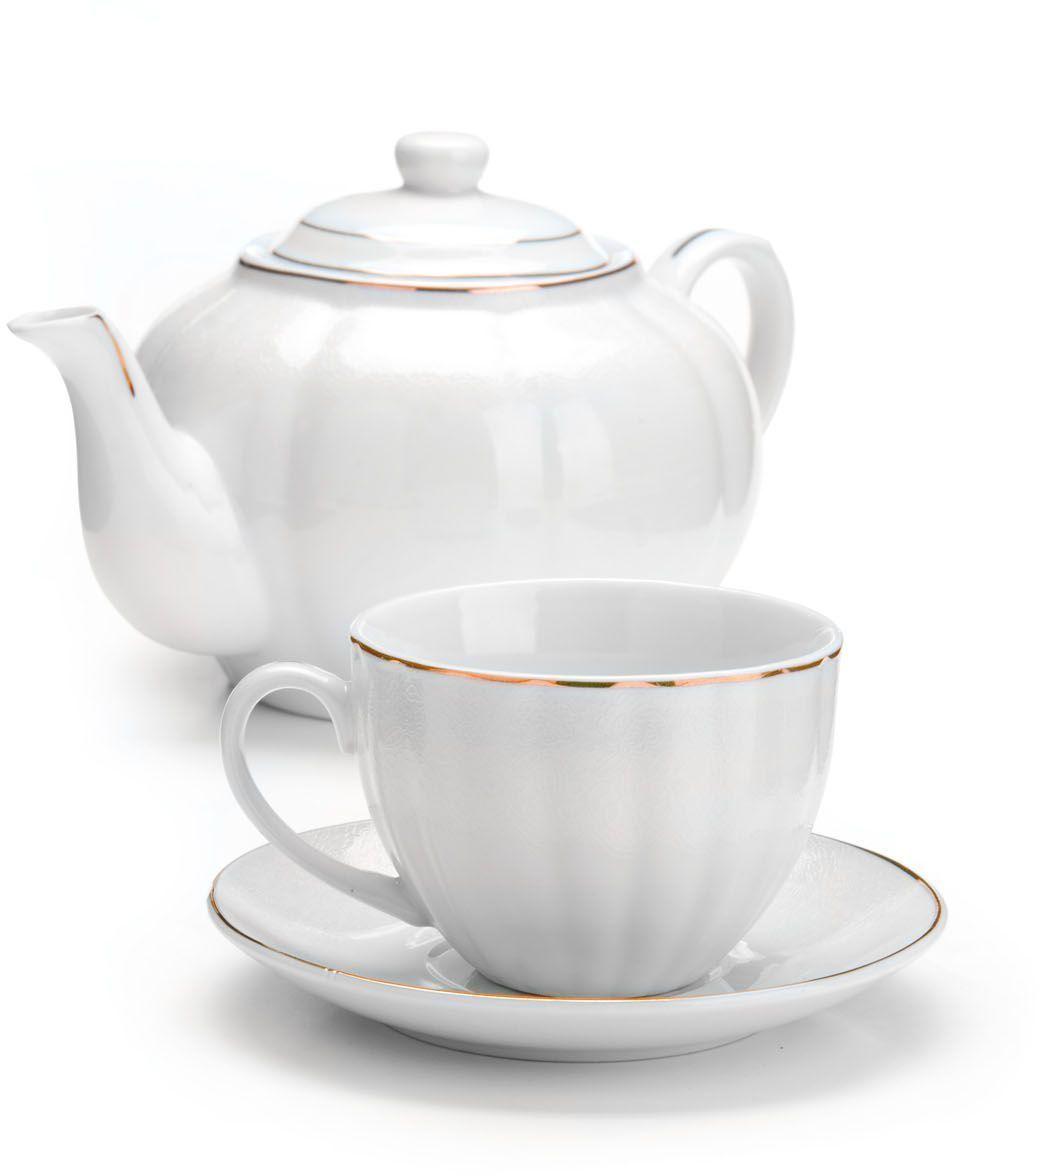 Чайный сервиз Loraine, 13 предметов (220 мл + чайник 1 л). 26421115510Чайный набор Loraine на 6 персон, изготовленный из высококачественной керамики изысканного белого цвета, состоит из 6 чашек, 6 блюдец и 1-го чайника. Изделия набора украшены тонкой золотой каймой и имеют красивый и нежный дизайн. Набор придется по вкусу и ценителям классики, и тем, кто предпочитает утонченность и изысканность. Он настроит на позитивный лад и подарит хорошее настроение с самого утра. Набор упакован в подарочную упаковку. Такой чайный набор станет прекрасным украшением стола, а процесс чаепития превратится в одно удовольствие! Это замечательный выбор для подарка родным и друзьям!